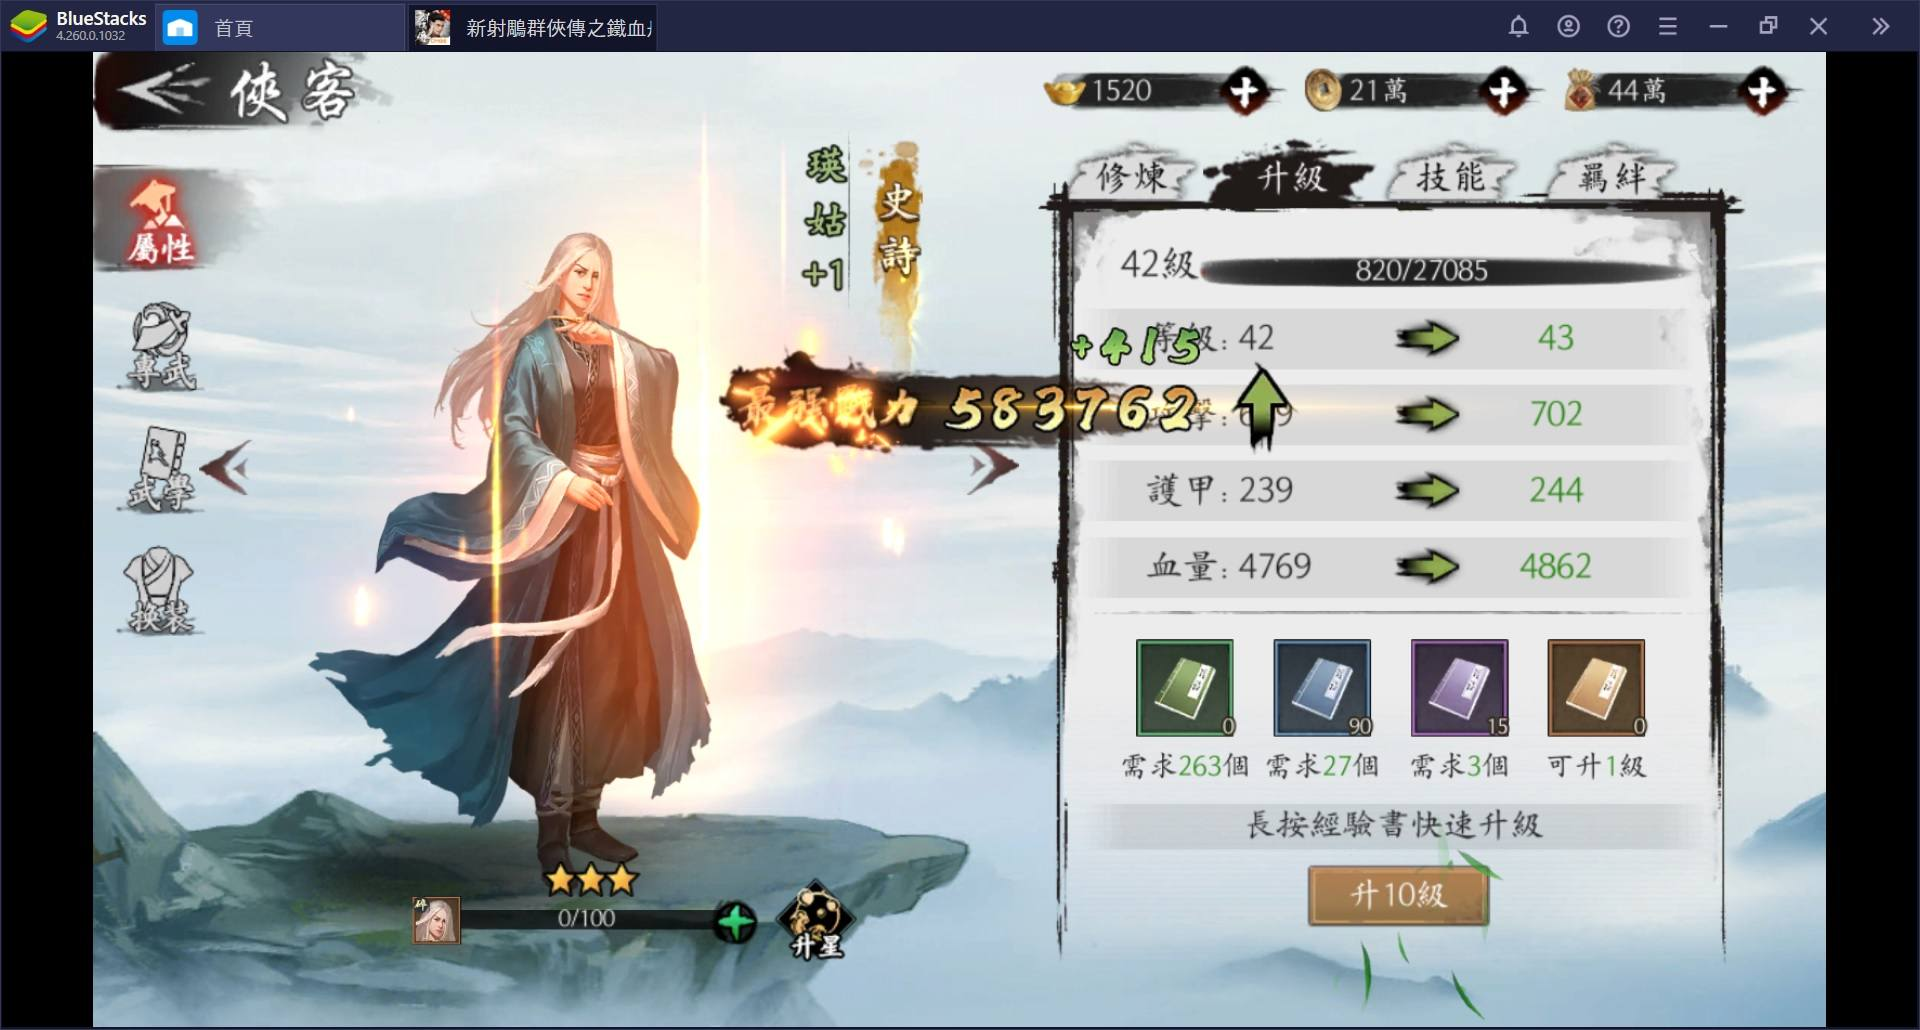 《新射鵰群俠傳之鐵血丹心》:新手游玩大攻略